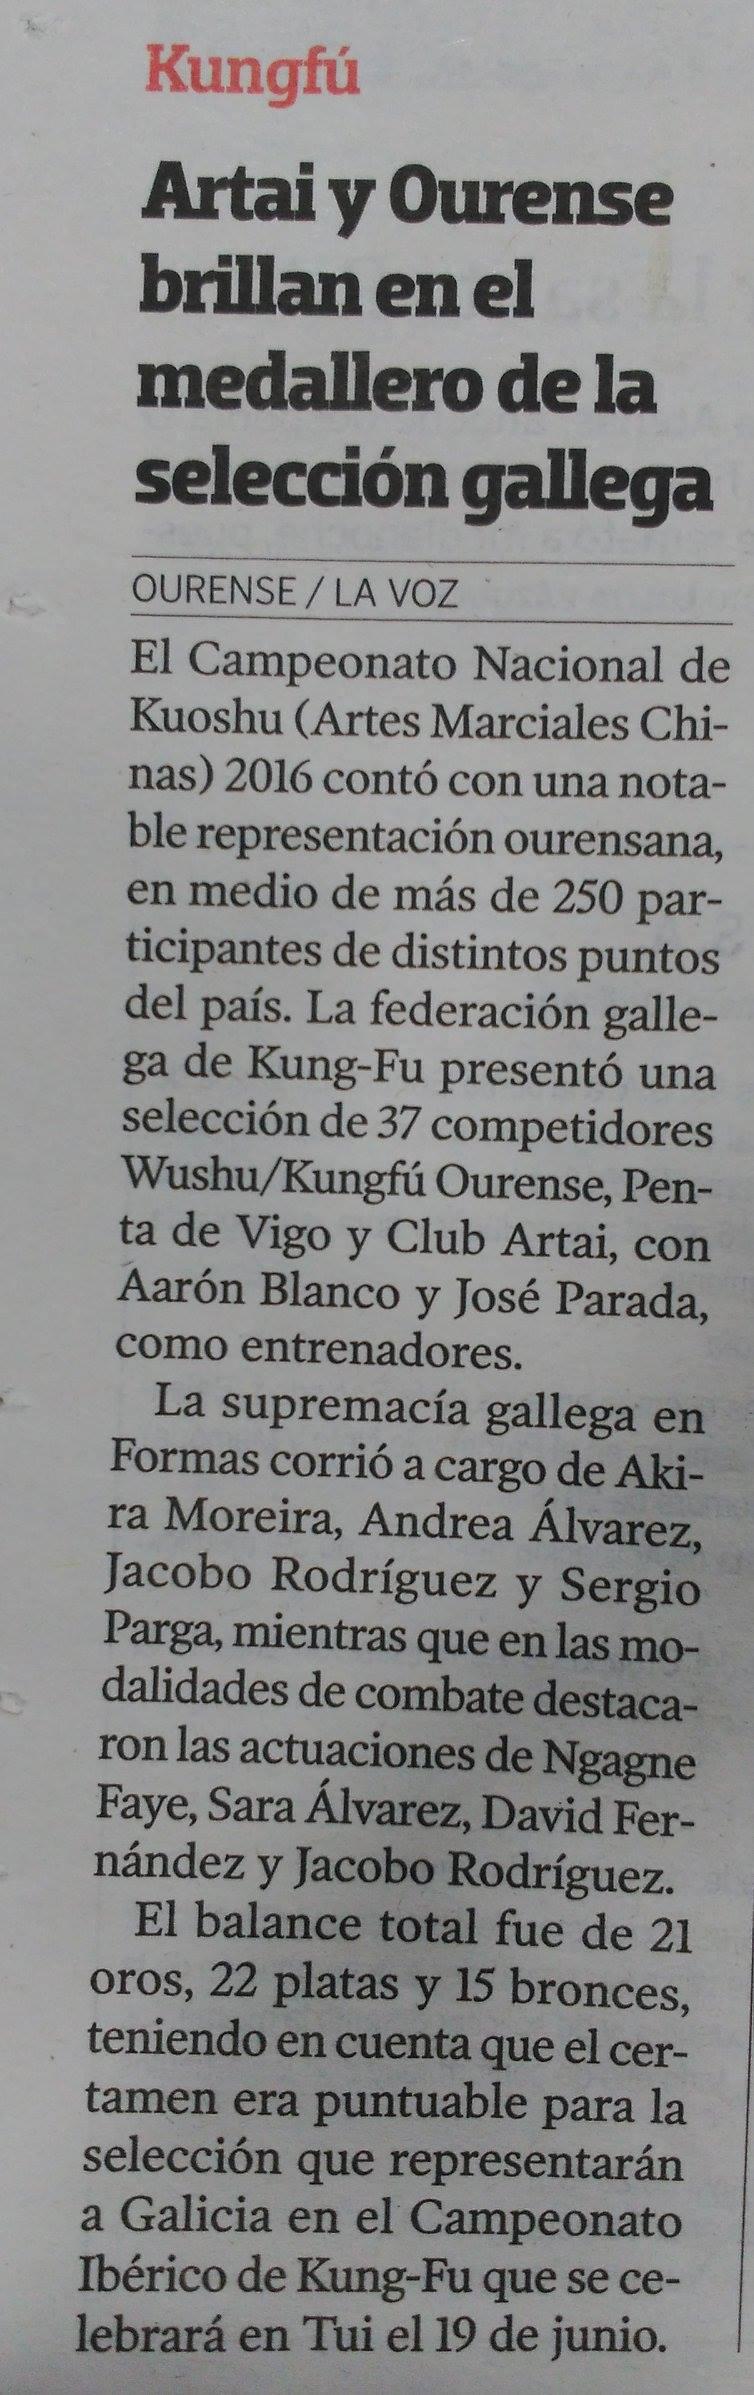 La voz de Galicia  24/05/2016